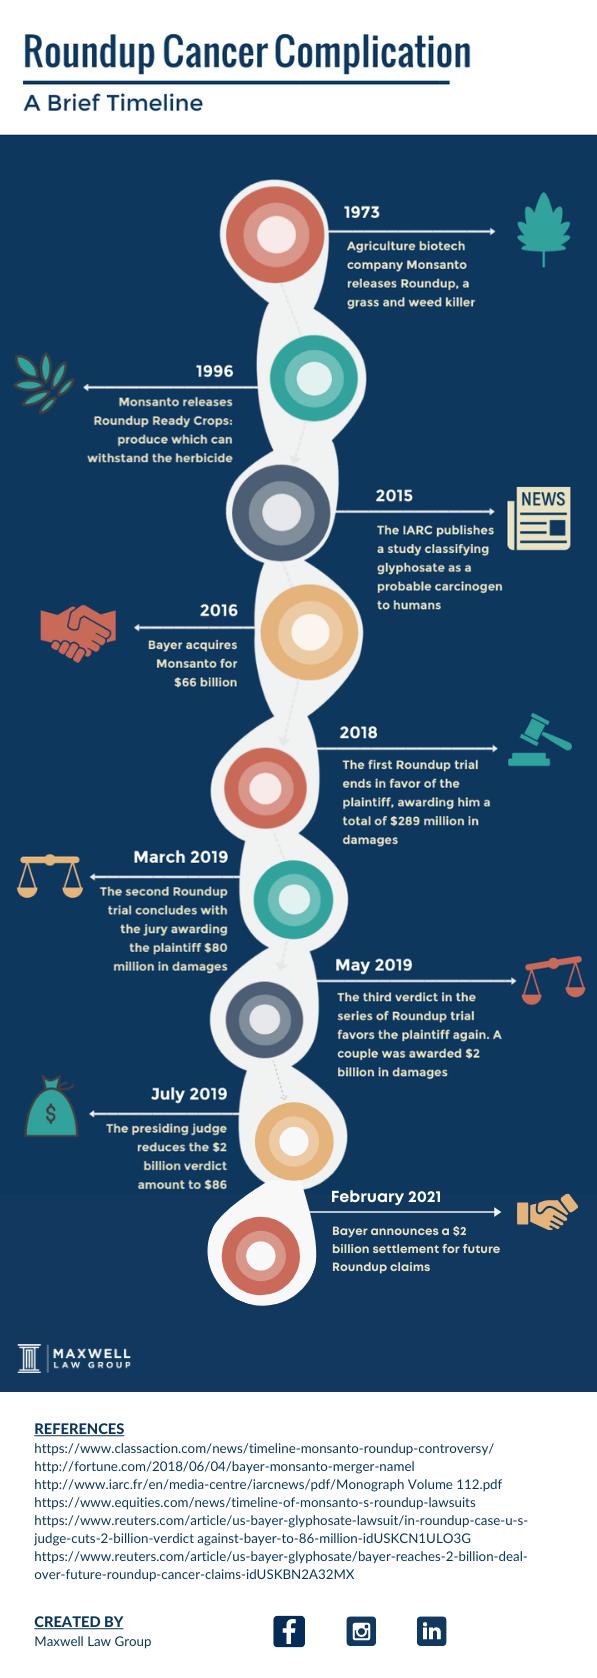 roundup cancer litigation timeline